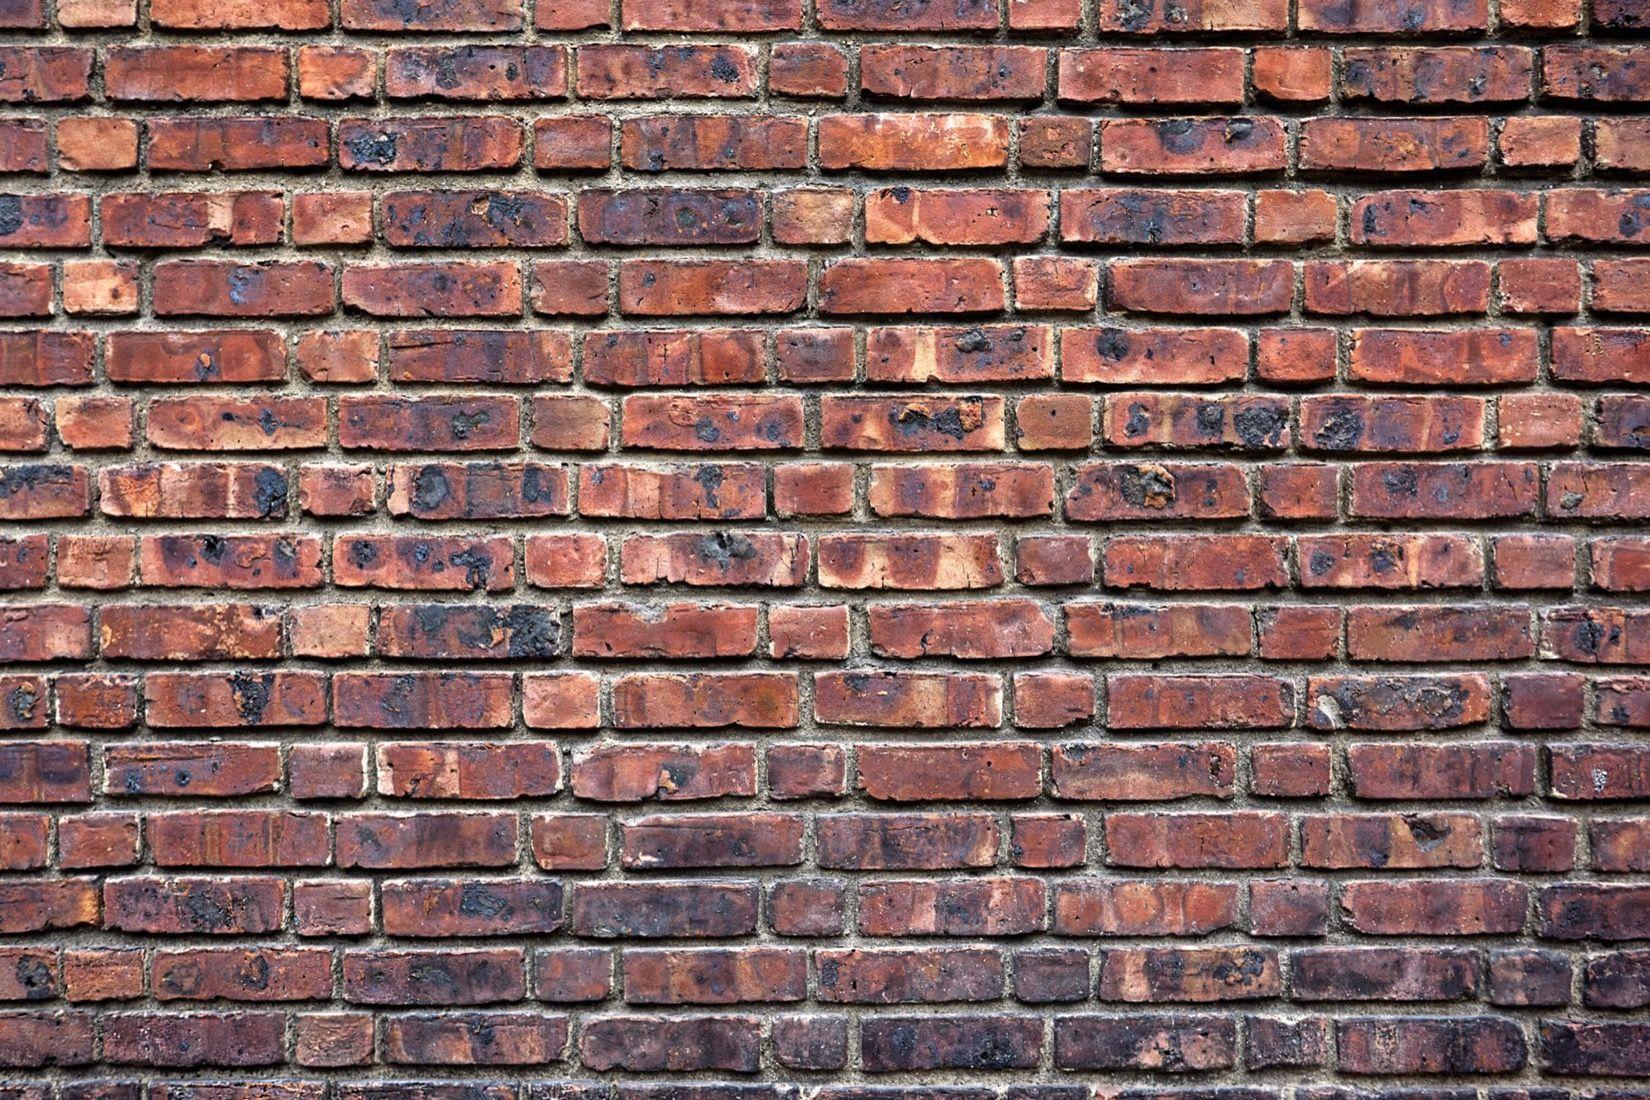 Dark Decayed Brick Wallpaper Mural Murals Wallpaper In 2021 Brick Wallpaper Red Brick Walls Brick Wallpaper Uk